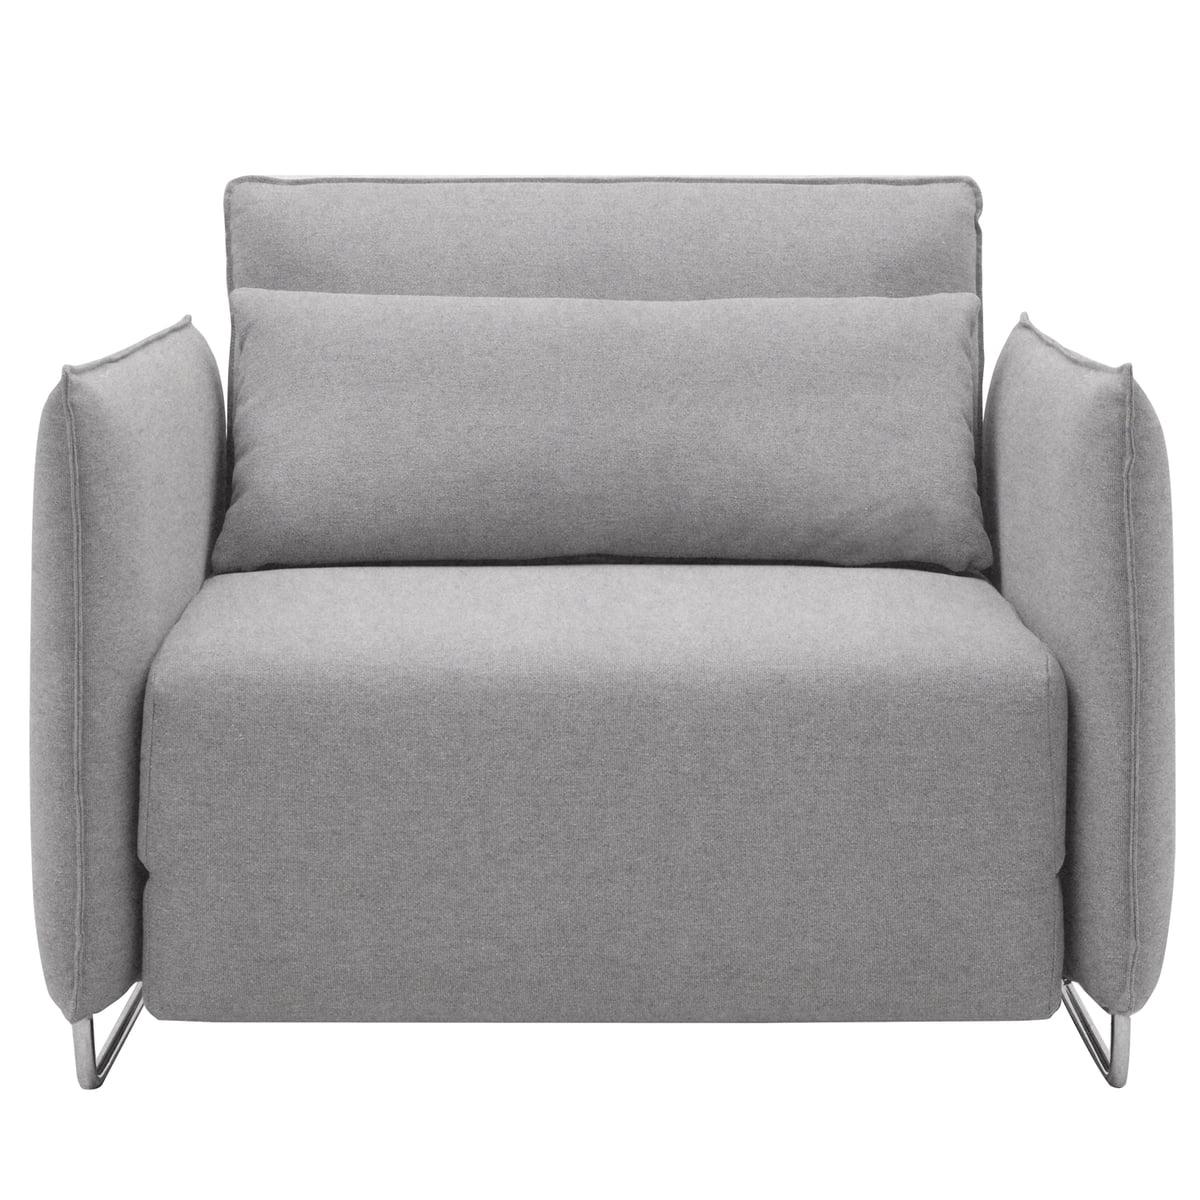 Fauteuil lit cord softline boutique - Ikea fauteuil lit une place ...